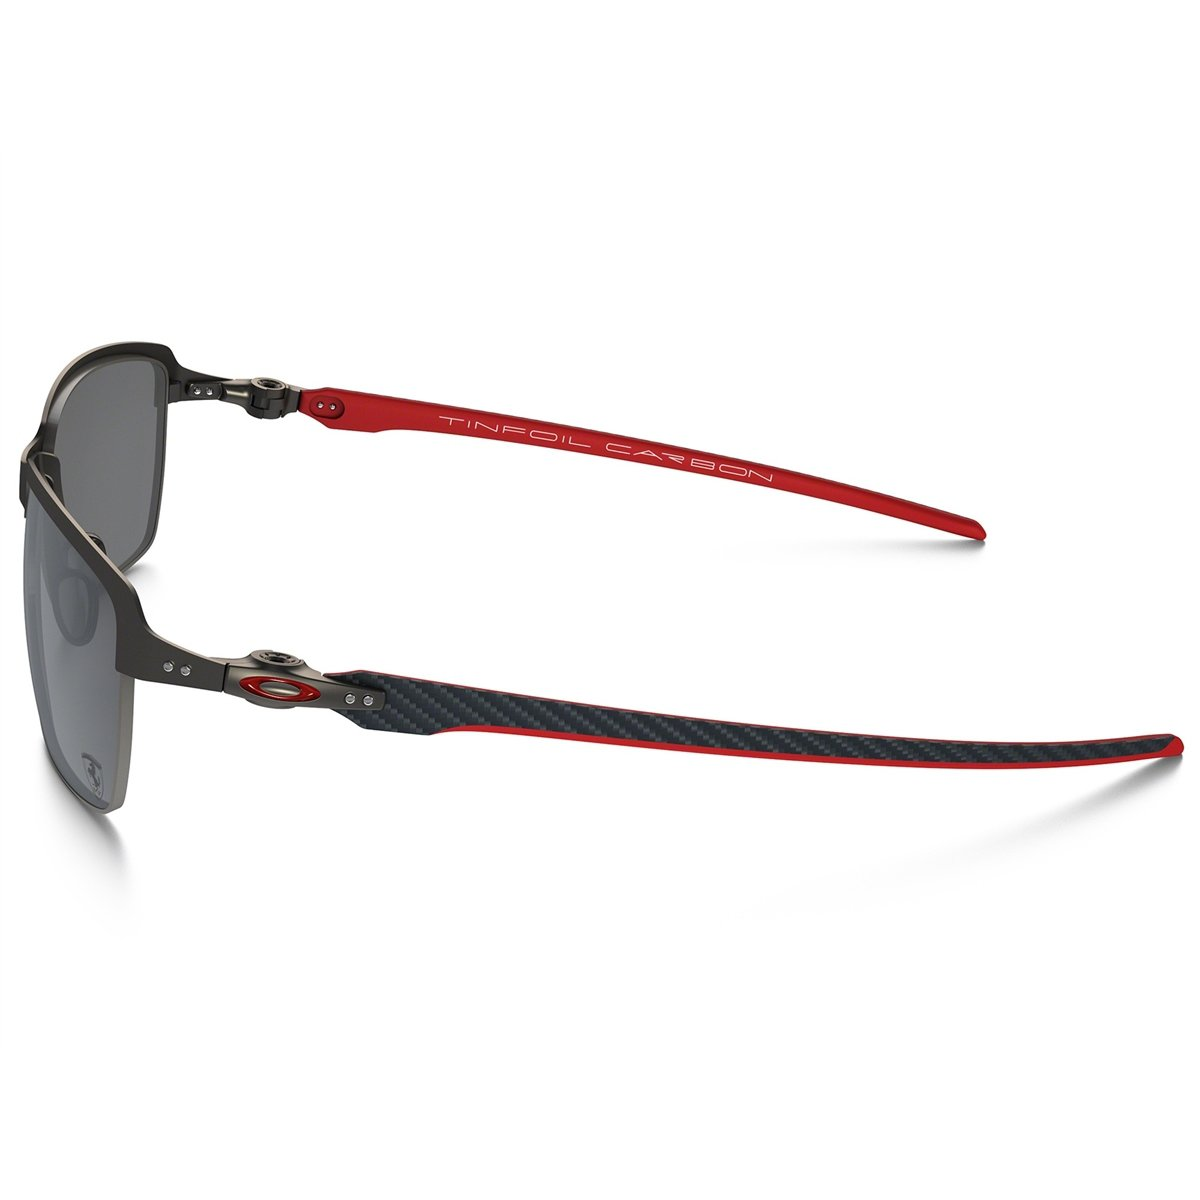 ... Óculos Oakley Tinfoil  Óculos Oakley Tinfoil ac8f18301f